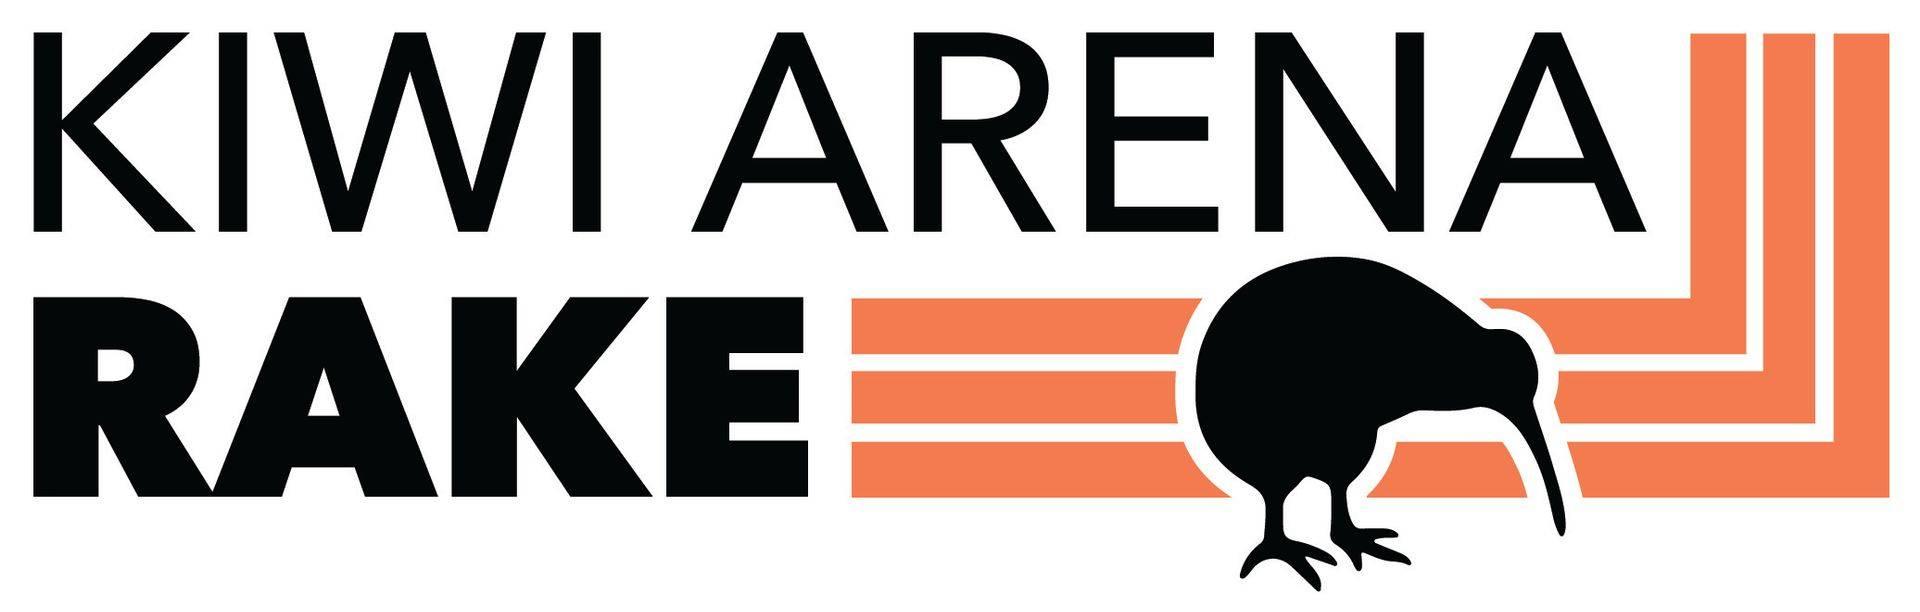 Kiwi Arena-Rakes-logo